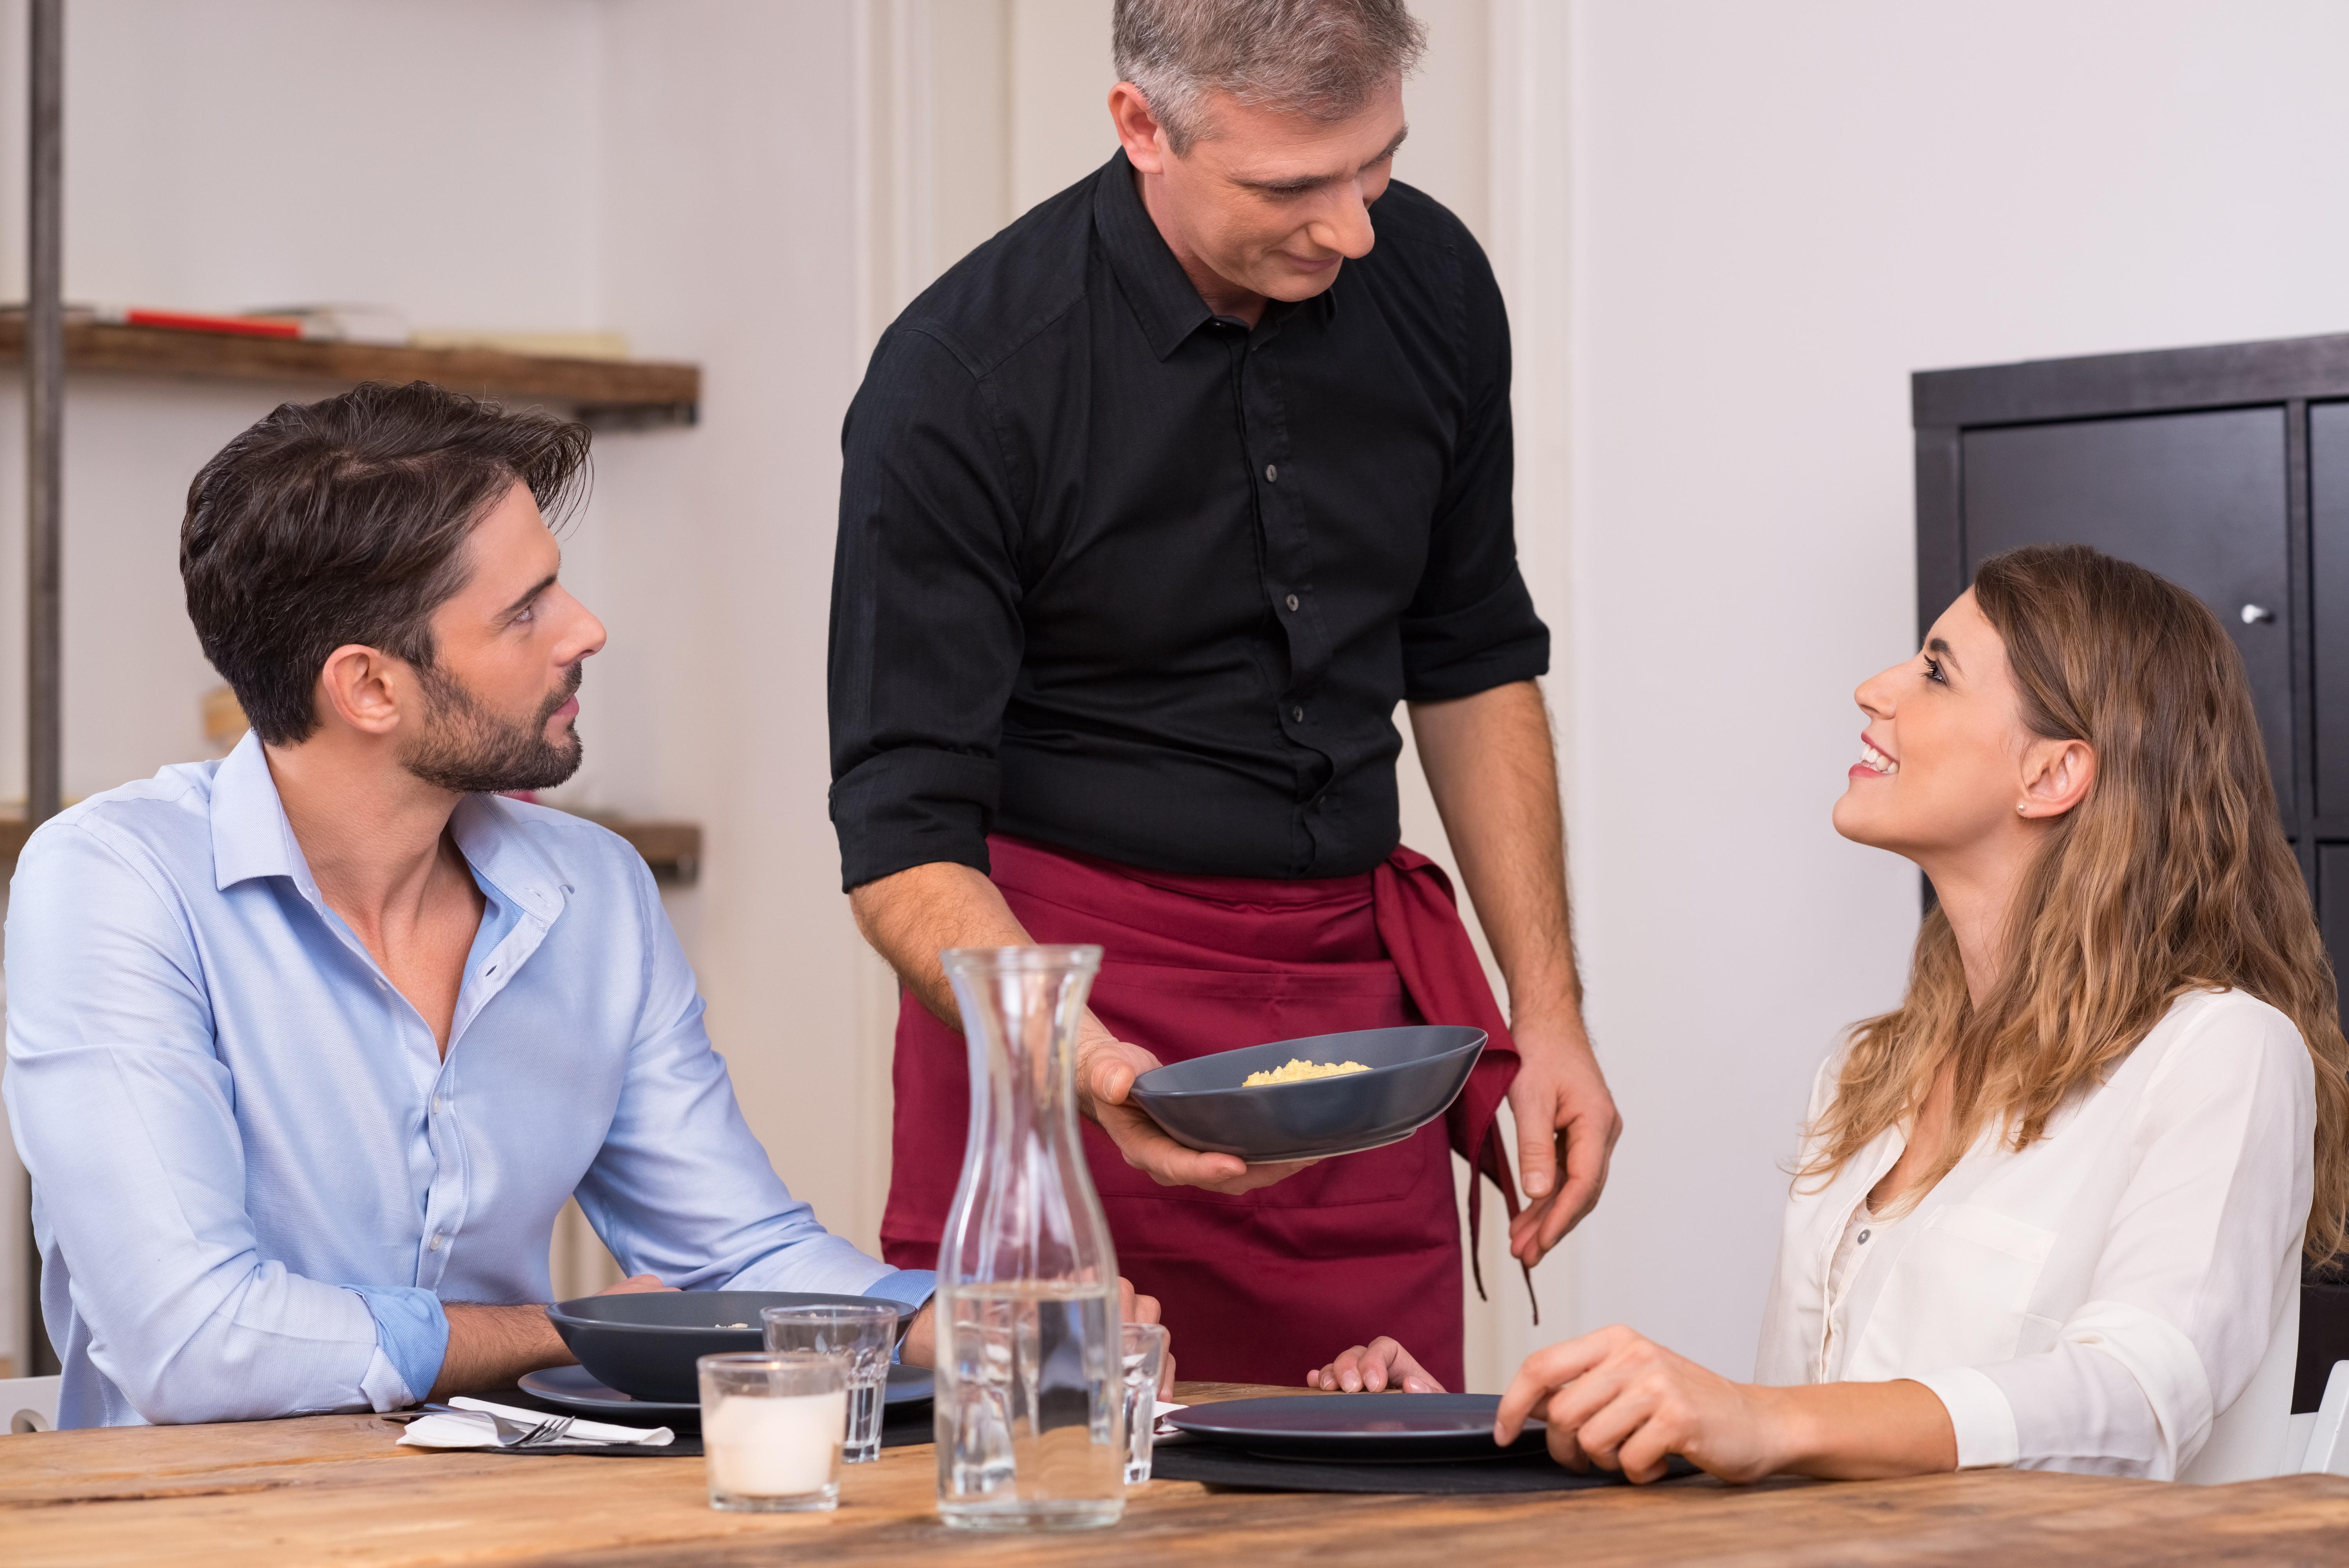 Comodidad, gastronomía de la mejor calidad y un gran compromiso gracias a Take a Chef y un Chef a Domicilio - Takeachef.com